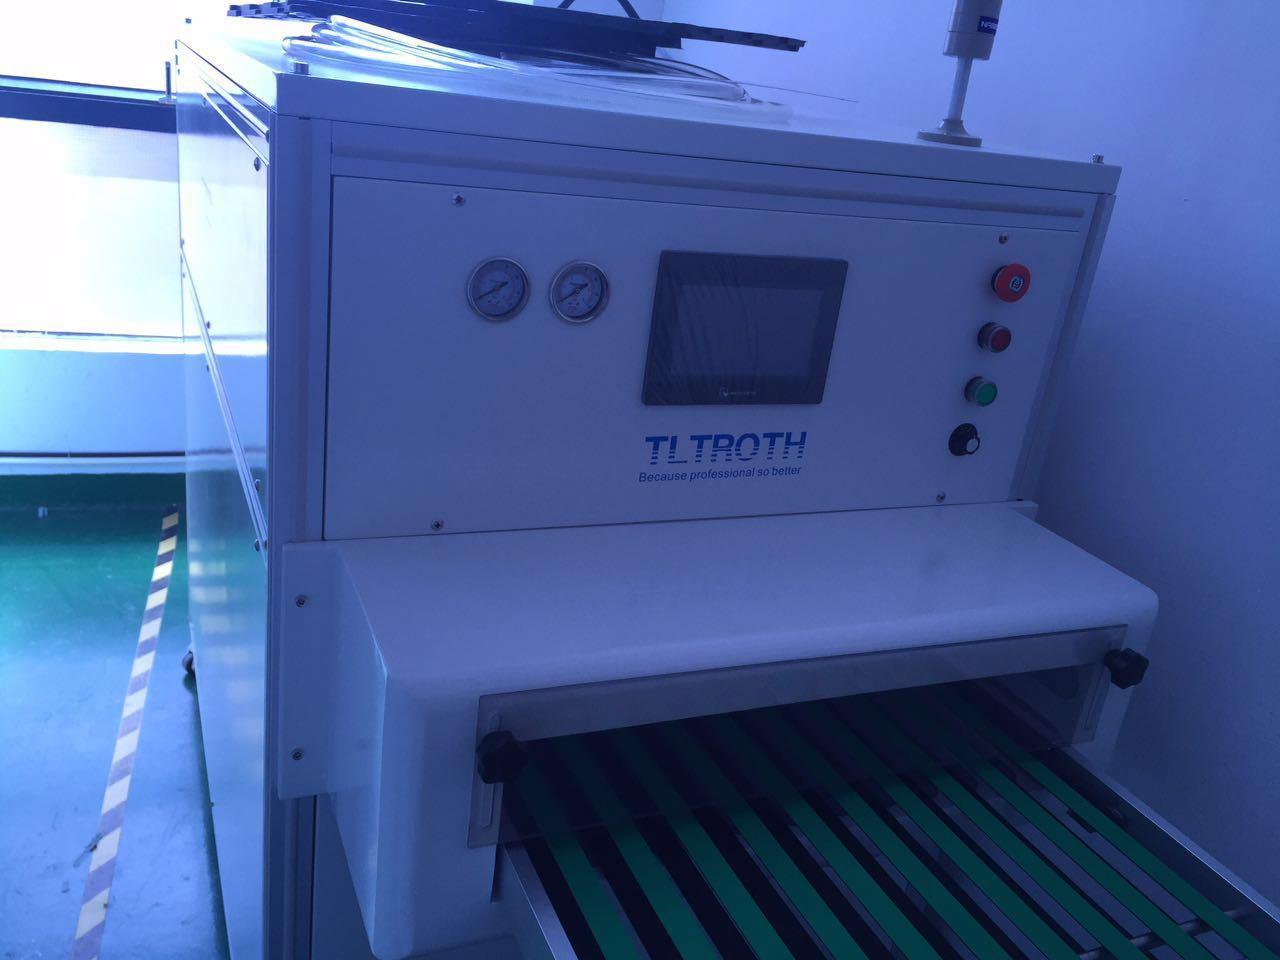 Produzione pulita d'impilamento automatica del professionista della polvere della macchina della polvere di Tltroth della macchina di pulizia del cassetto della macchina di pulizia